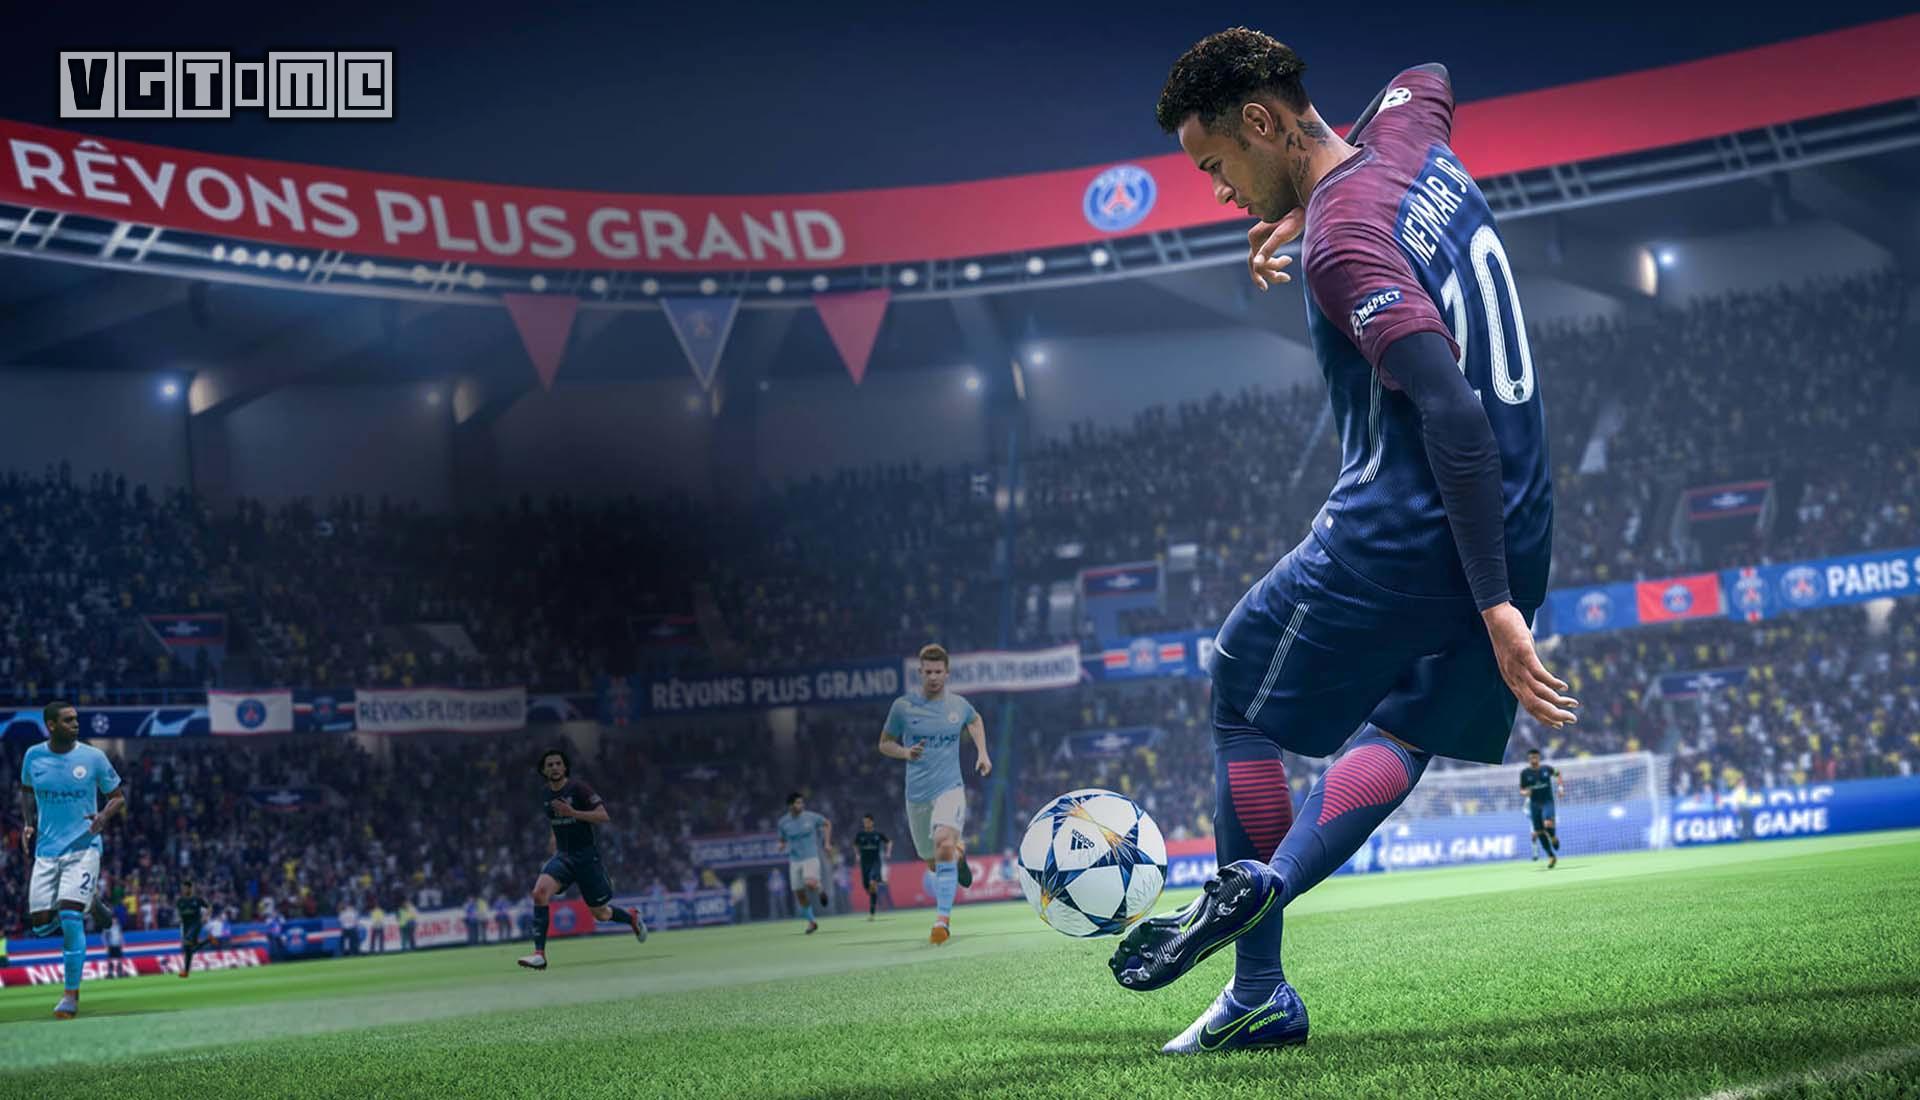 英国游戏周销量:《FIFA 20》登顶黑五促销周